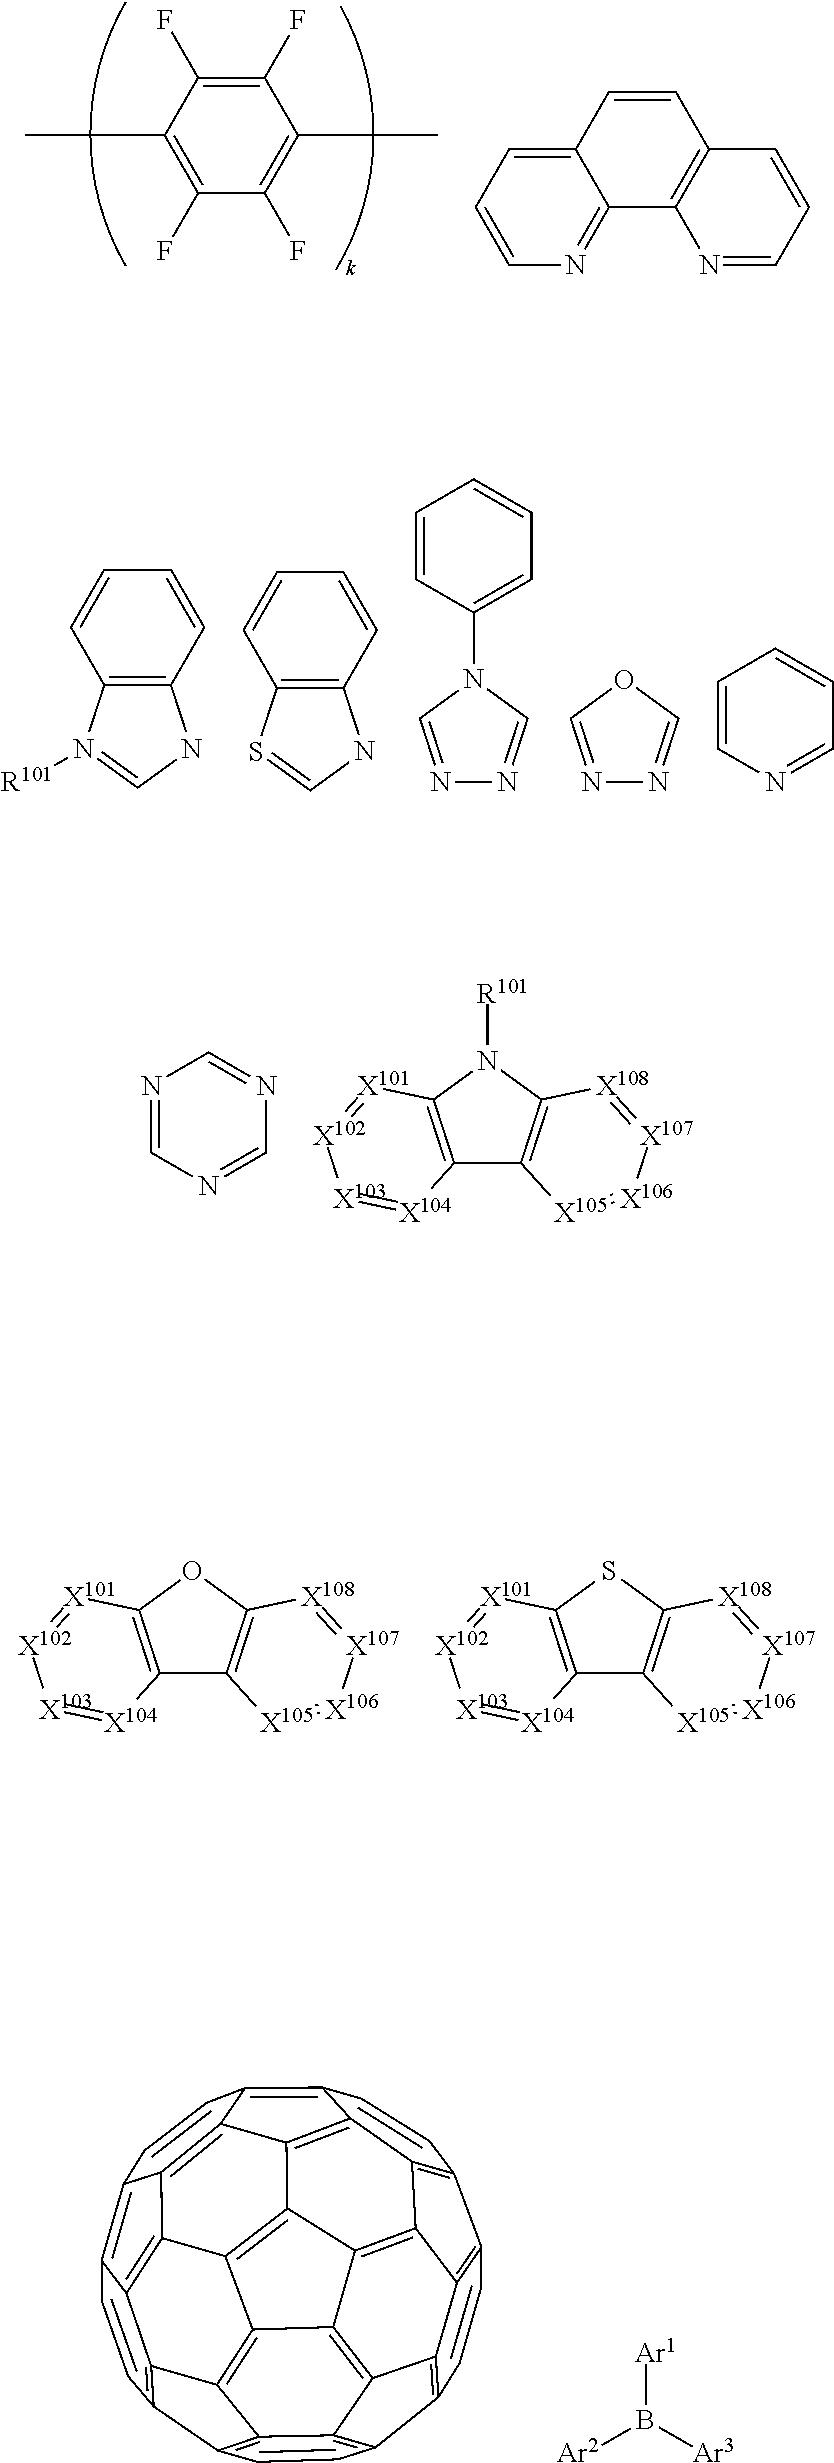 Figure US10121975-20181106-C00035